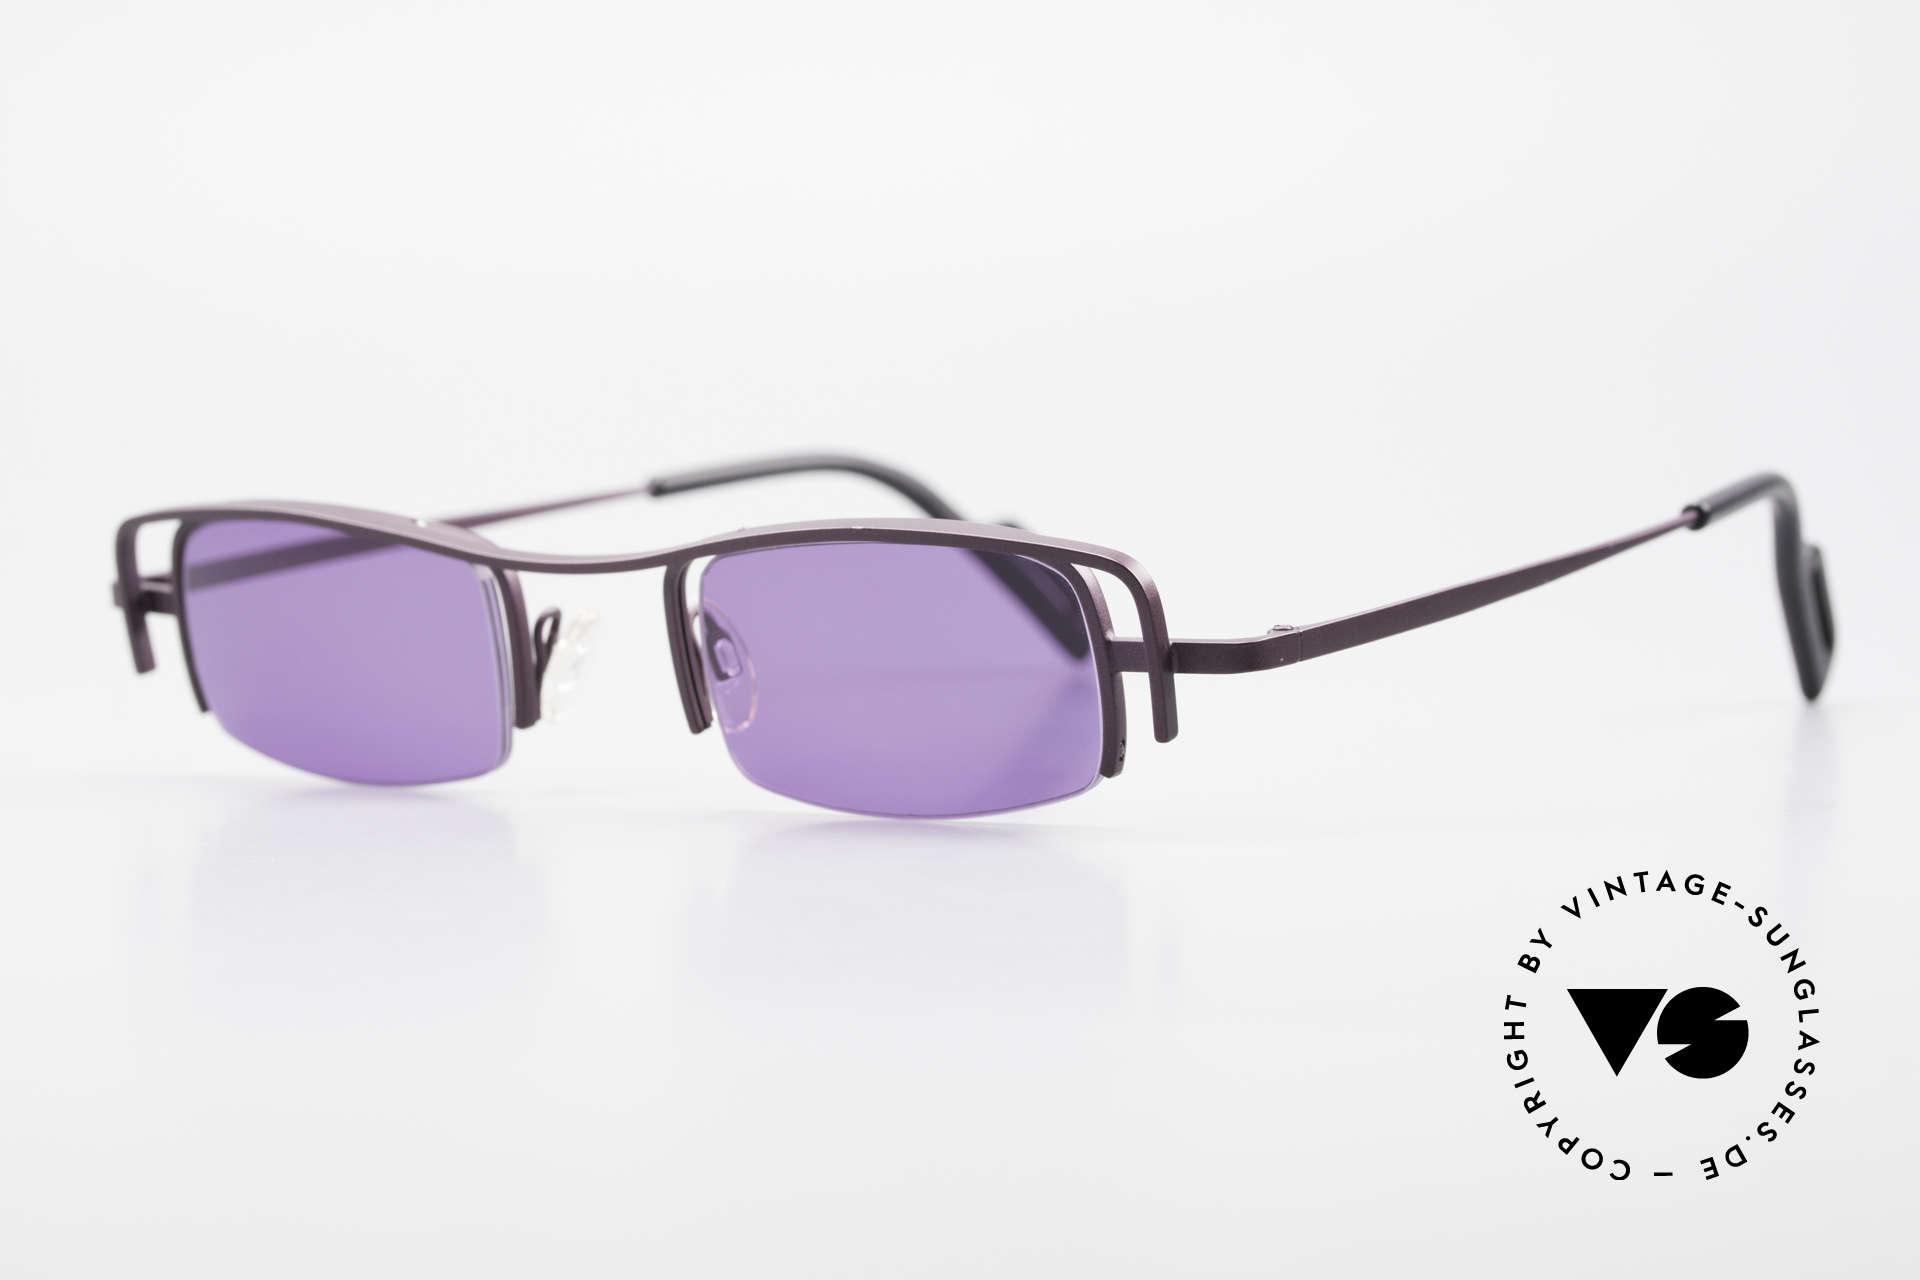 Theo Belgium Winter Damen Sonnenbrille Eckig 90er, damals gemacht für die 'Avantgarde' und Individualisten, Passend für Damen